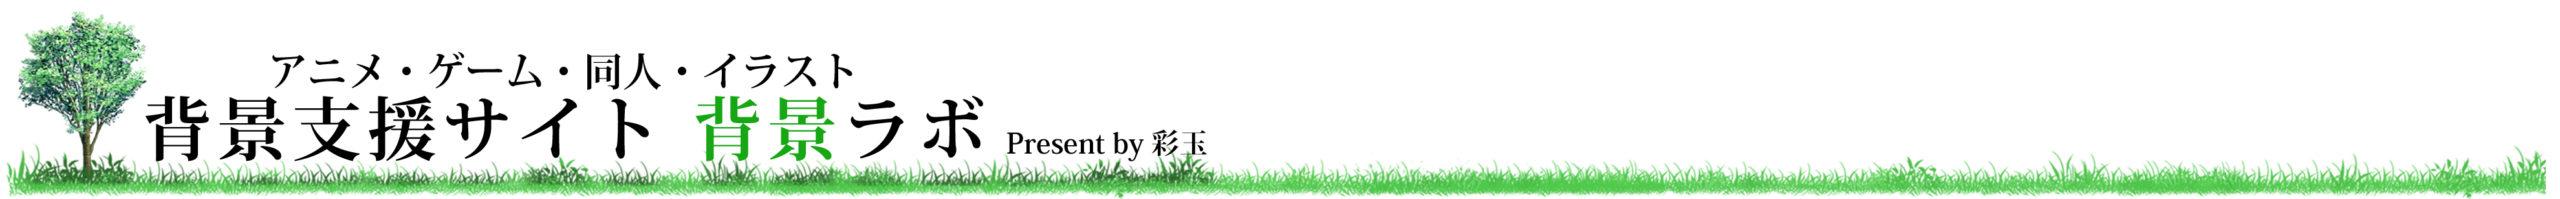 アニメ・ゲーム・同人・イラスト・背景支援サイト_背景ラボ